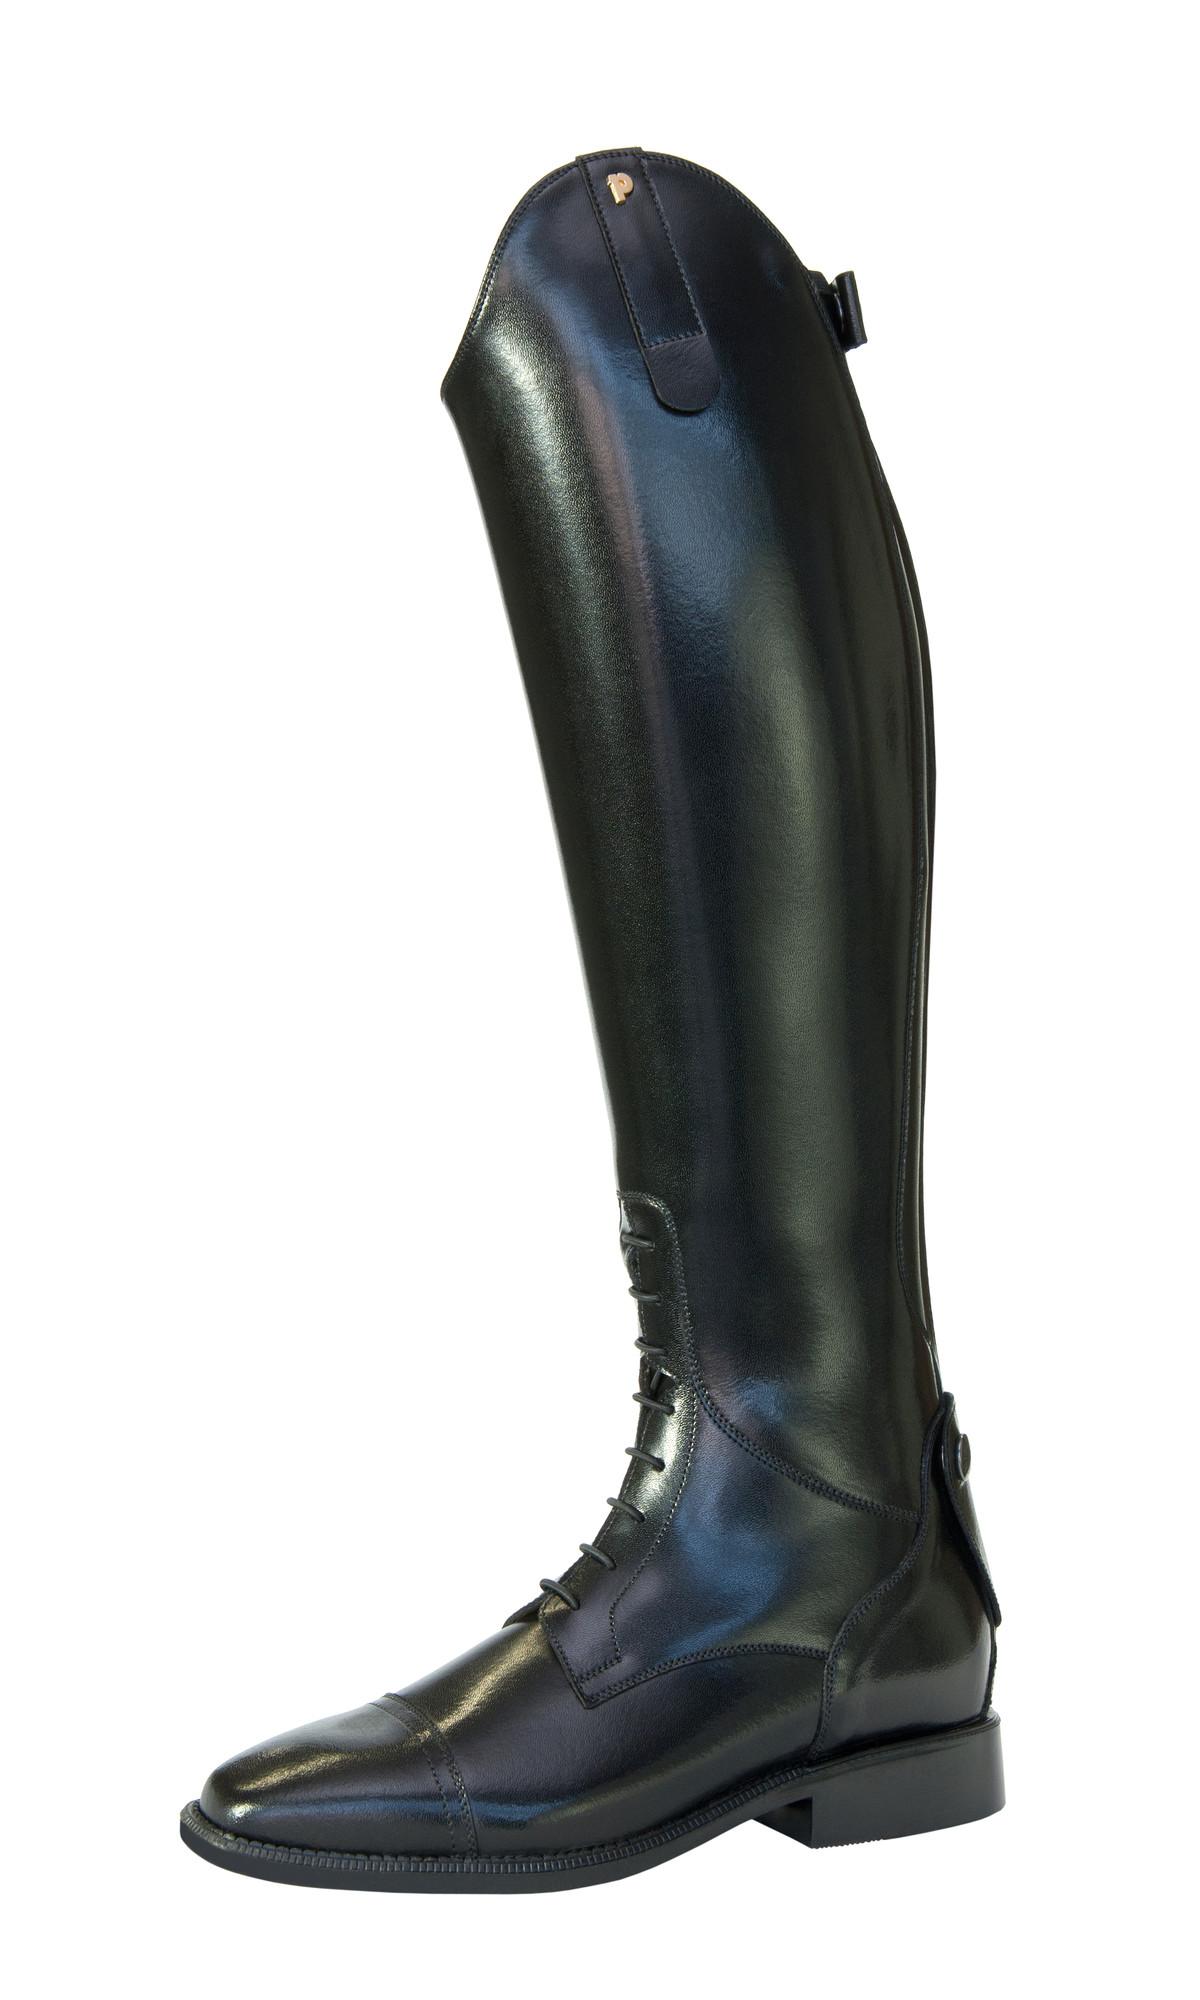 Petrie Melbourne rijlaars zwart maat:7.5 n